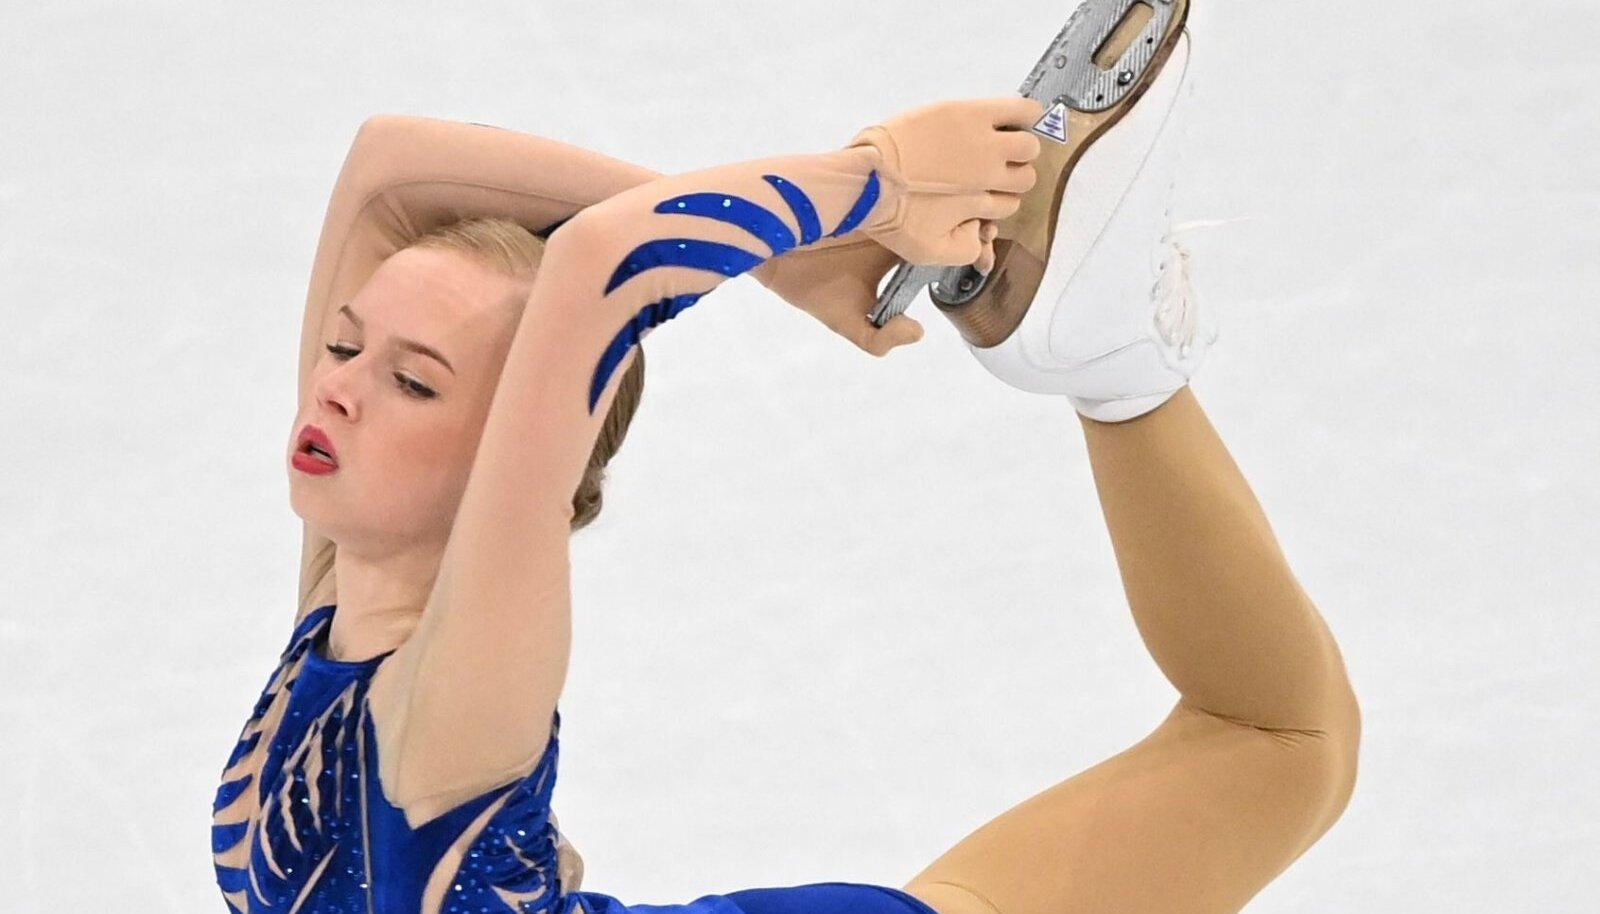 MM-il 14. koha saanud Eva-Lotta Kiibus loodab olümpiahooajaks astuda tasemes sammu edasi.